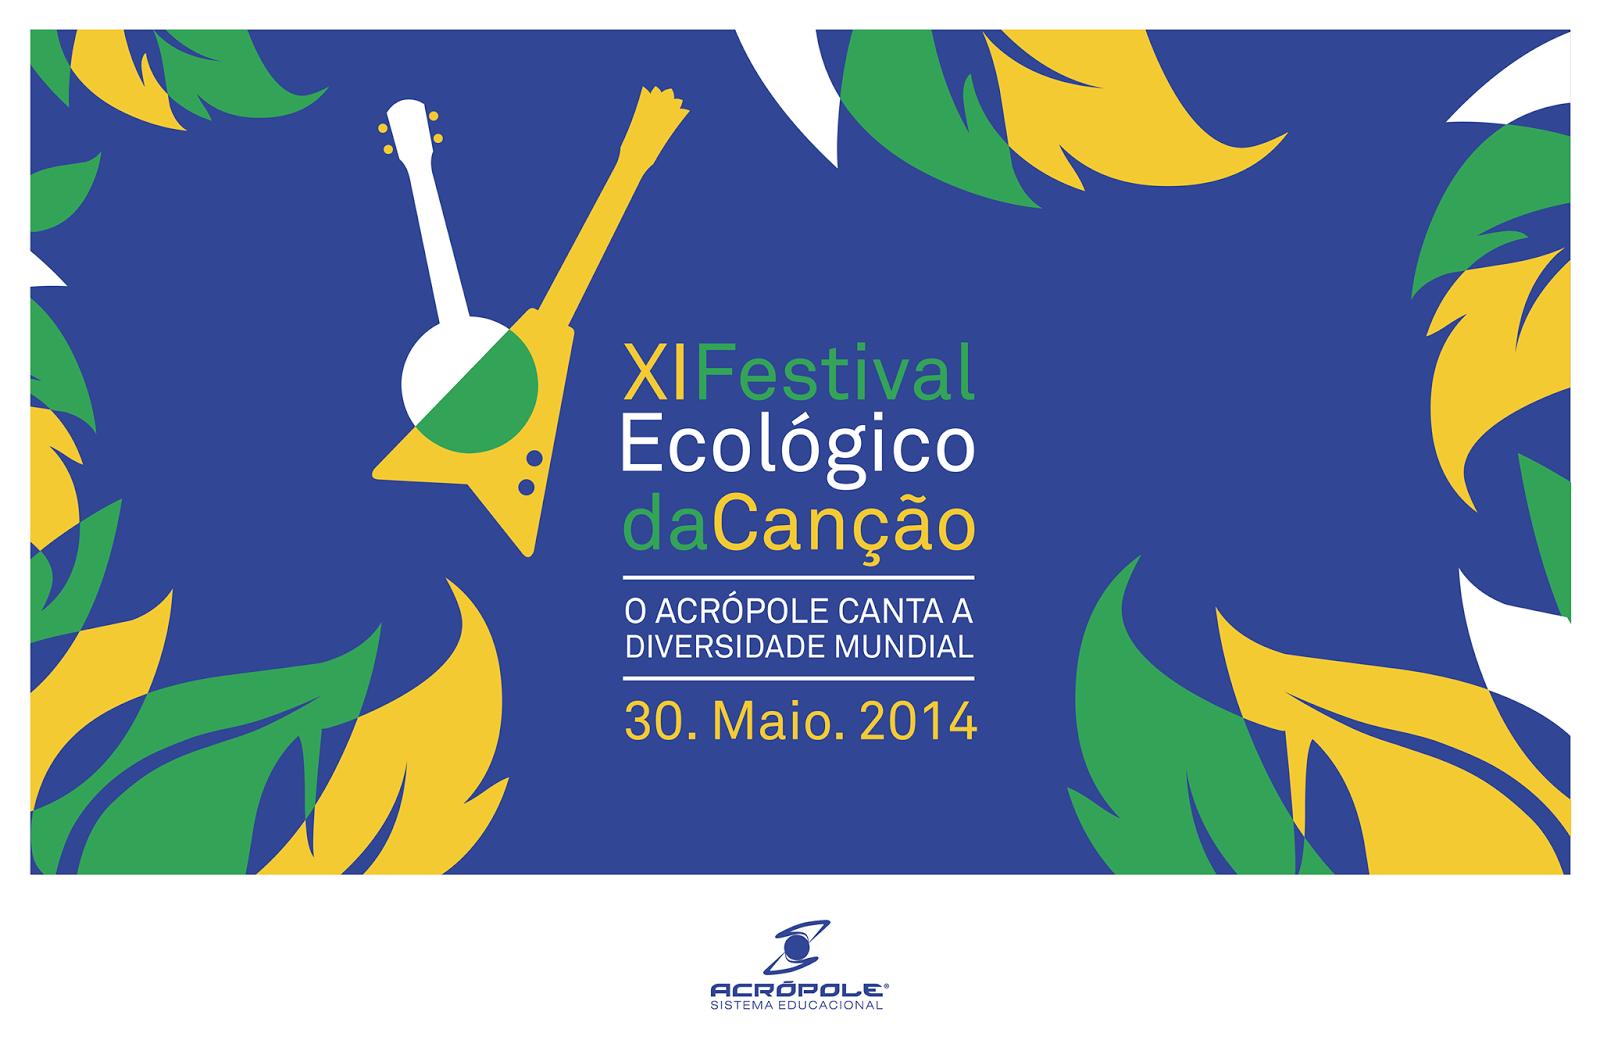 XI Festival Ecológico da Canção